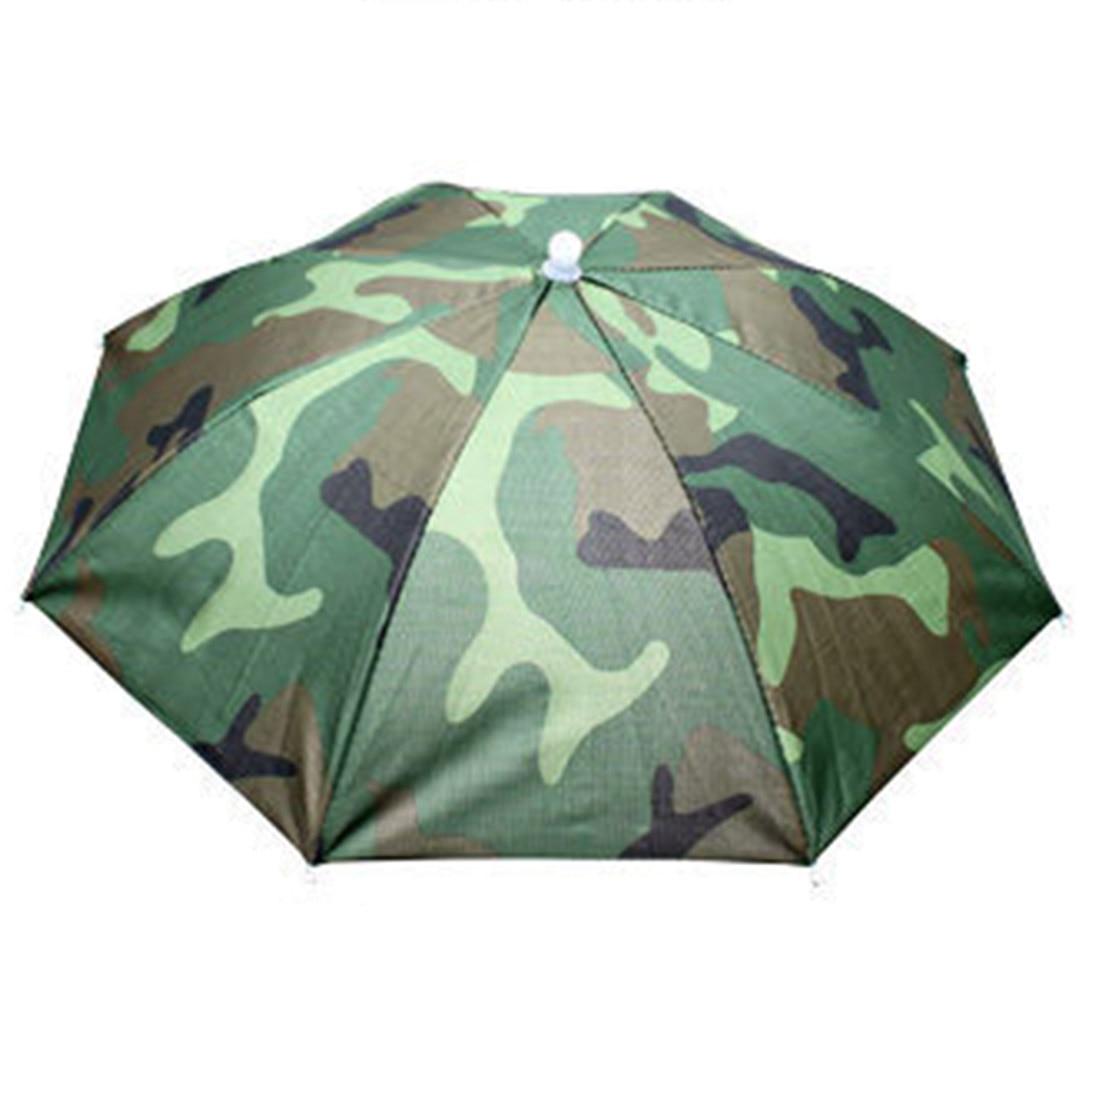 Draagbare Opvouwbare Regenkleding Vissen Hoed Hoofddeksels Paraplu voor Vissen Wandelen Strand Cap Hoofd Hoeden Outdoor Camping Apparatuur